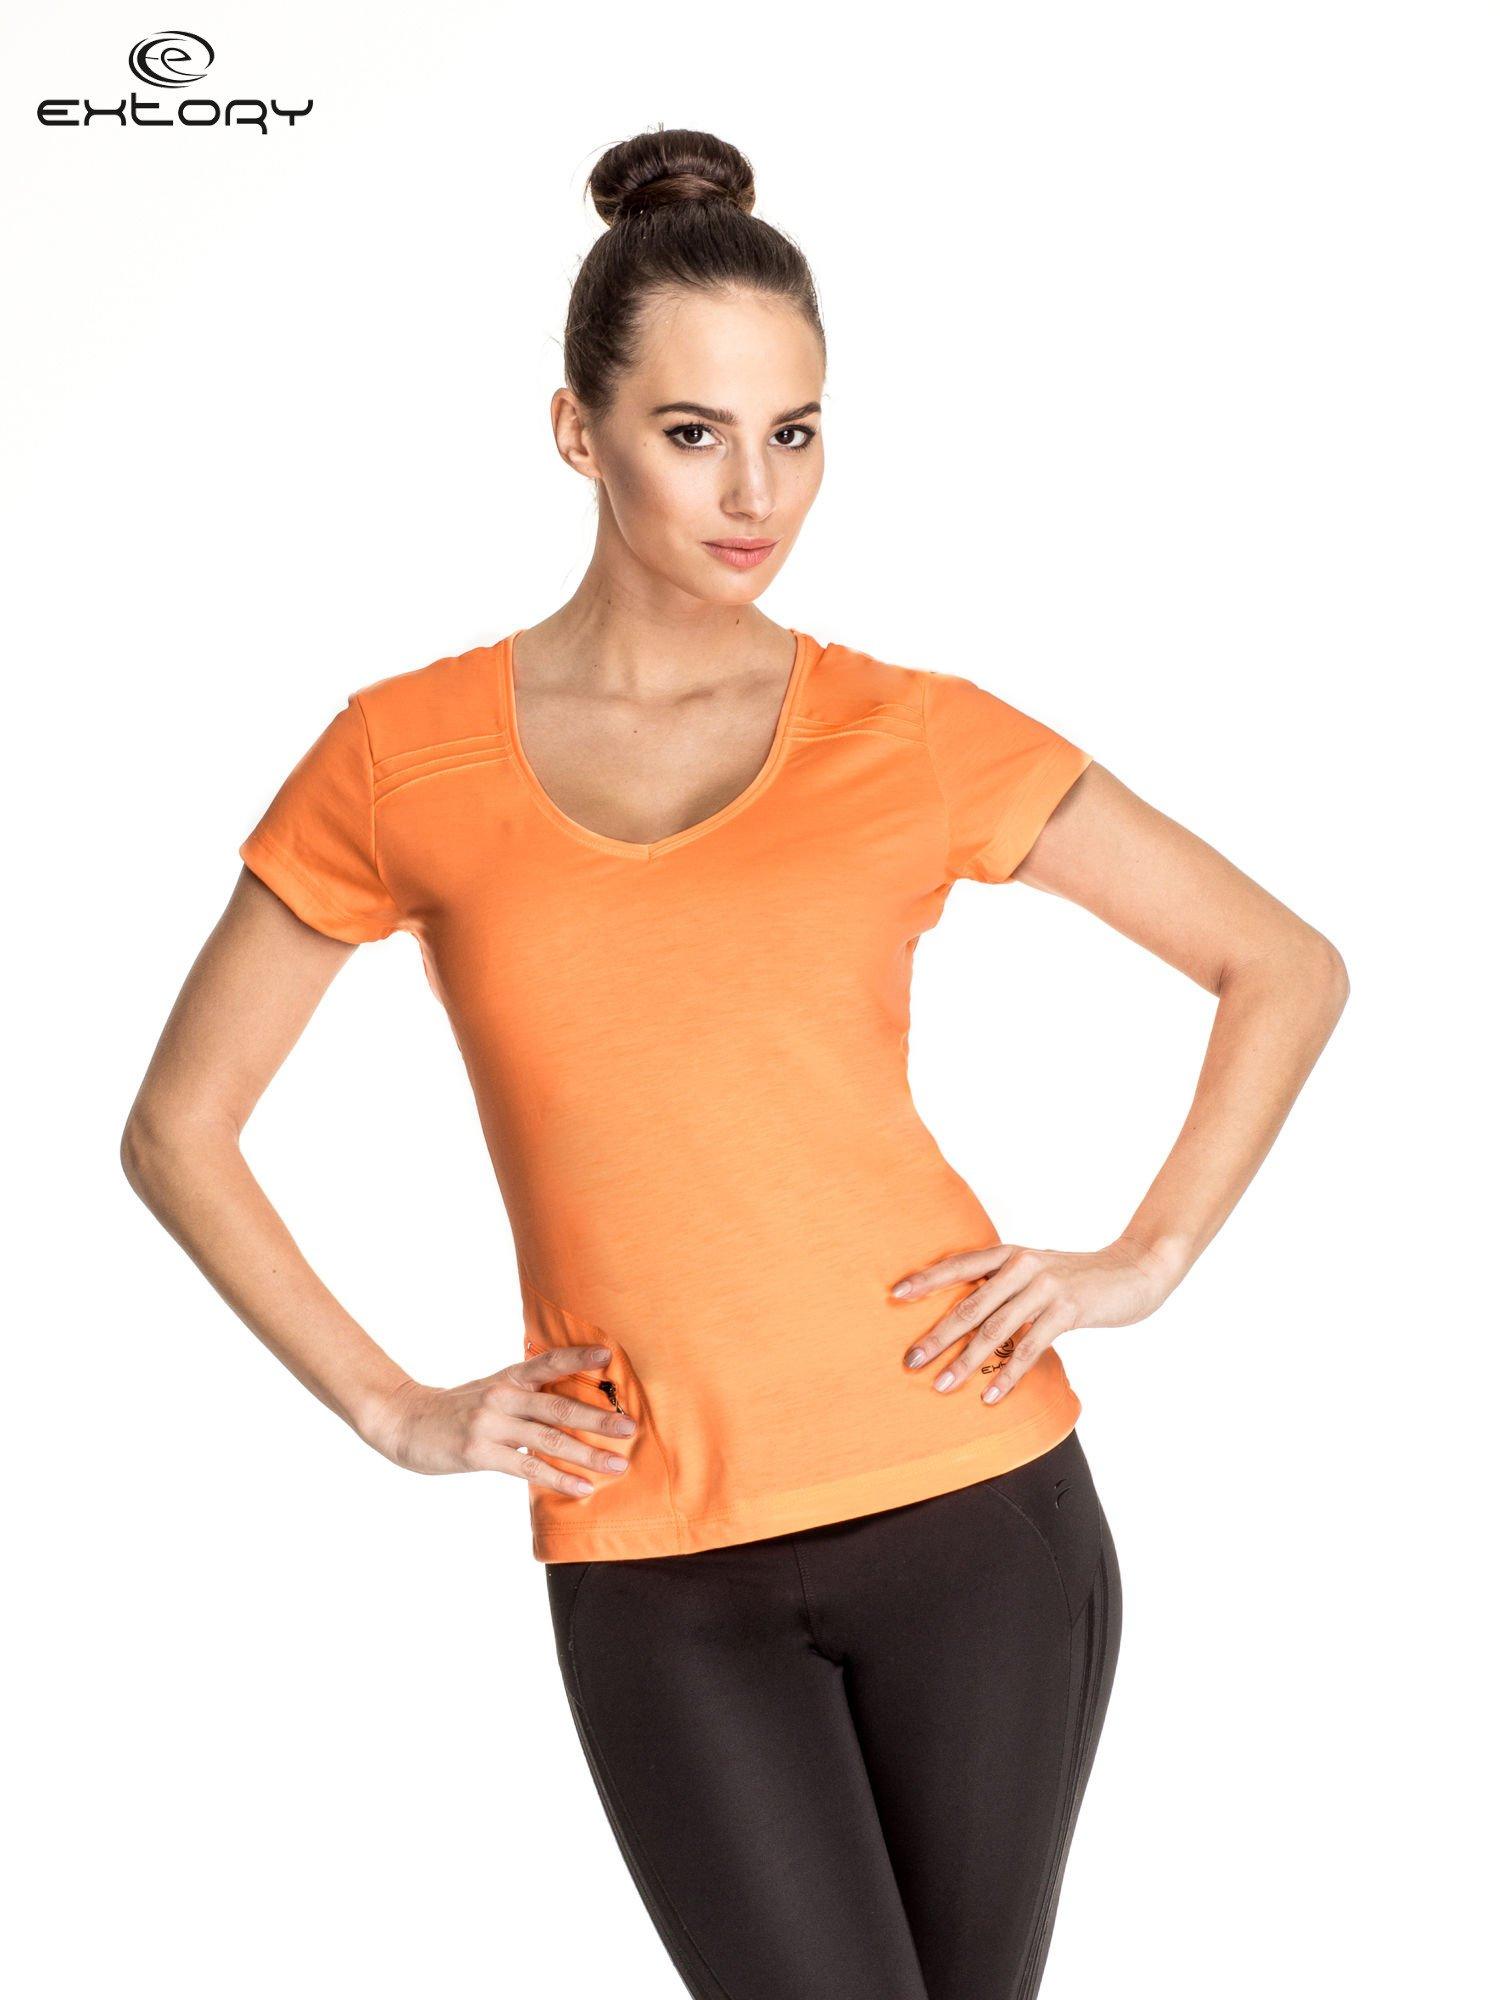 Pomarańczowy damski t-shirt sportowy z kieszonką                                  zdj.                                  1